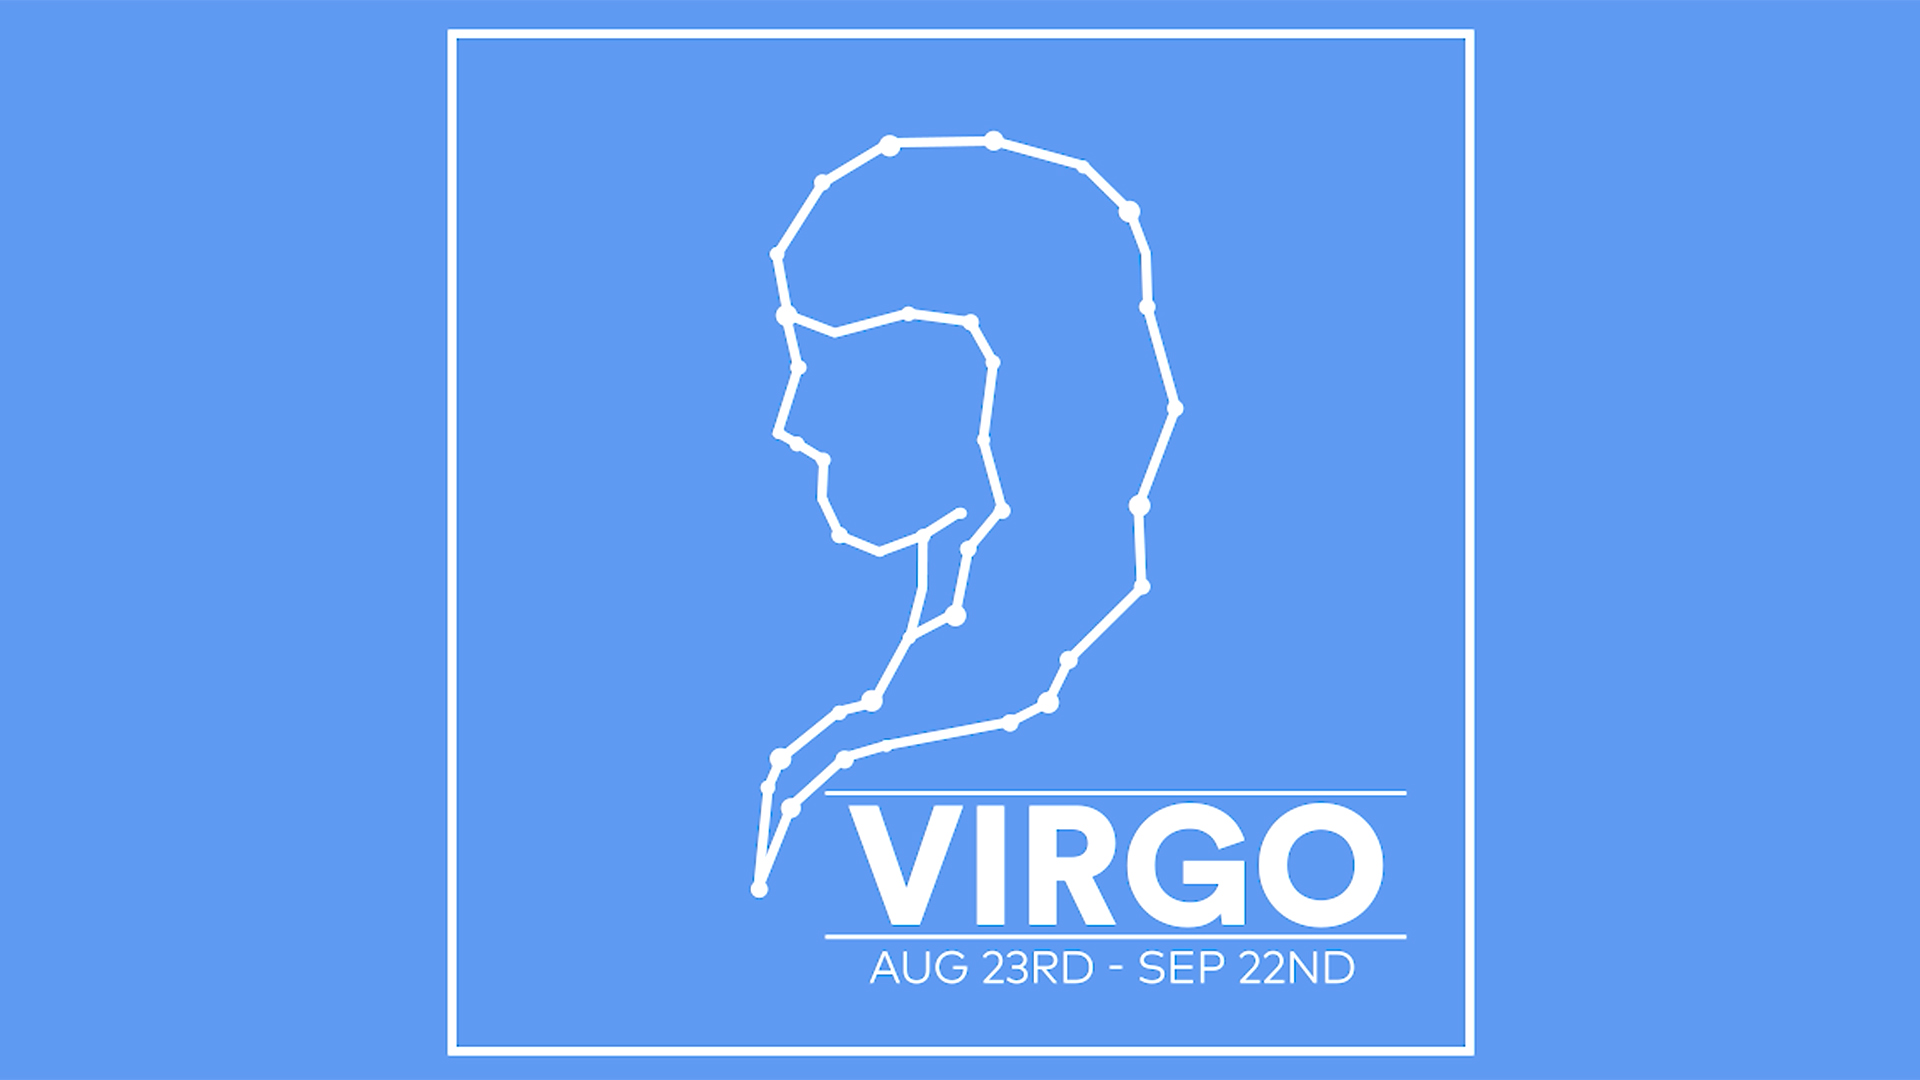 💄 Best star sign for virgo